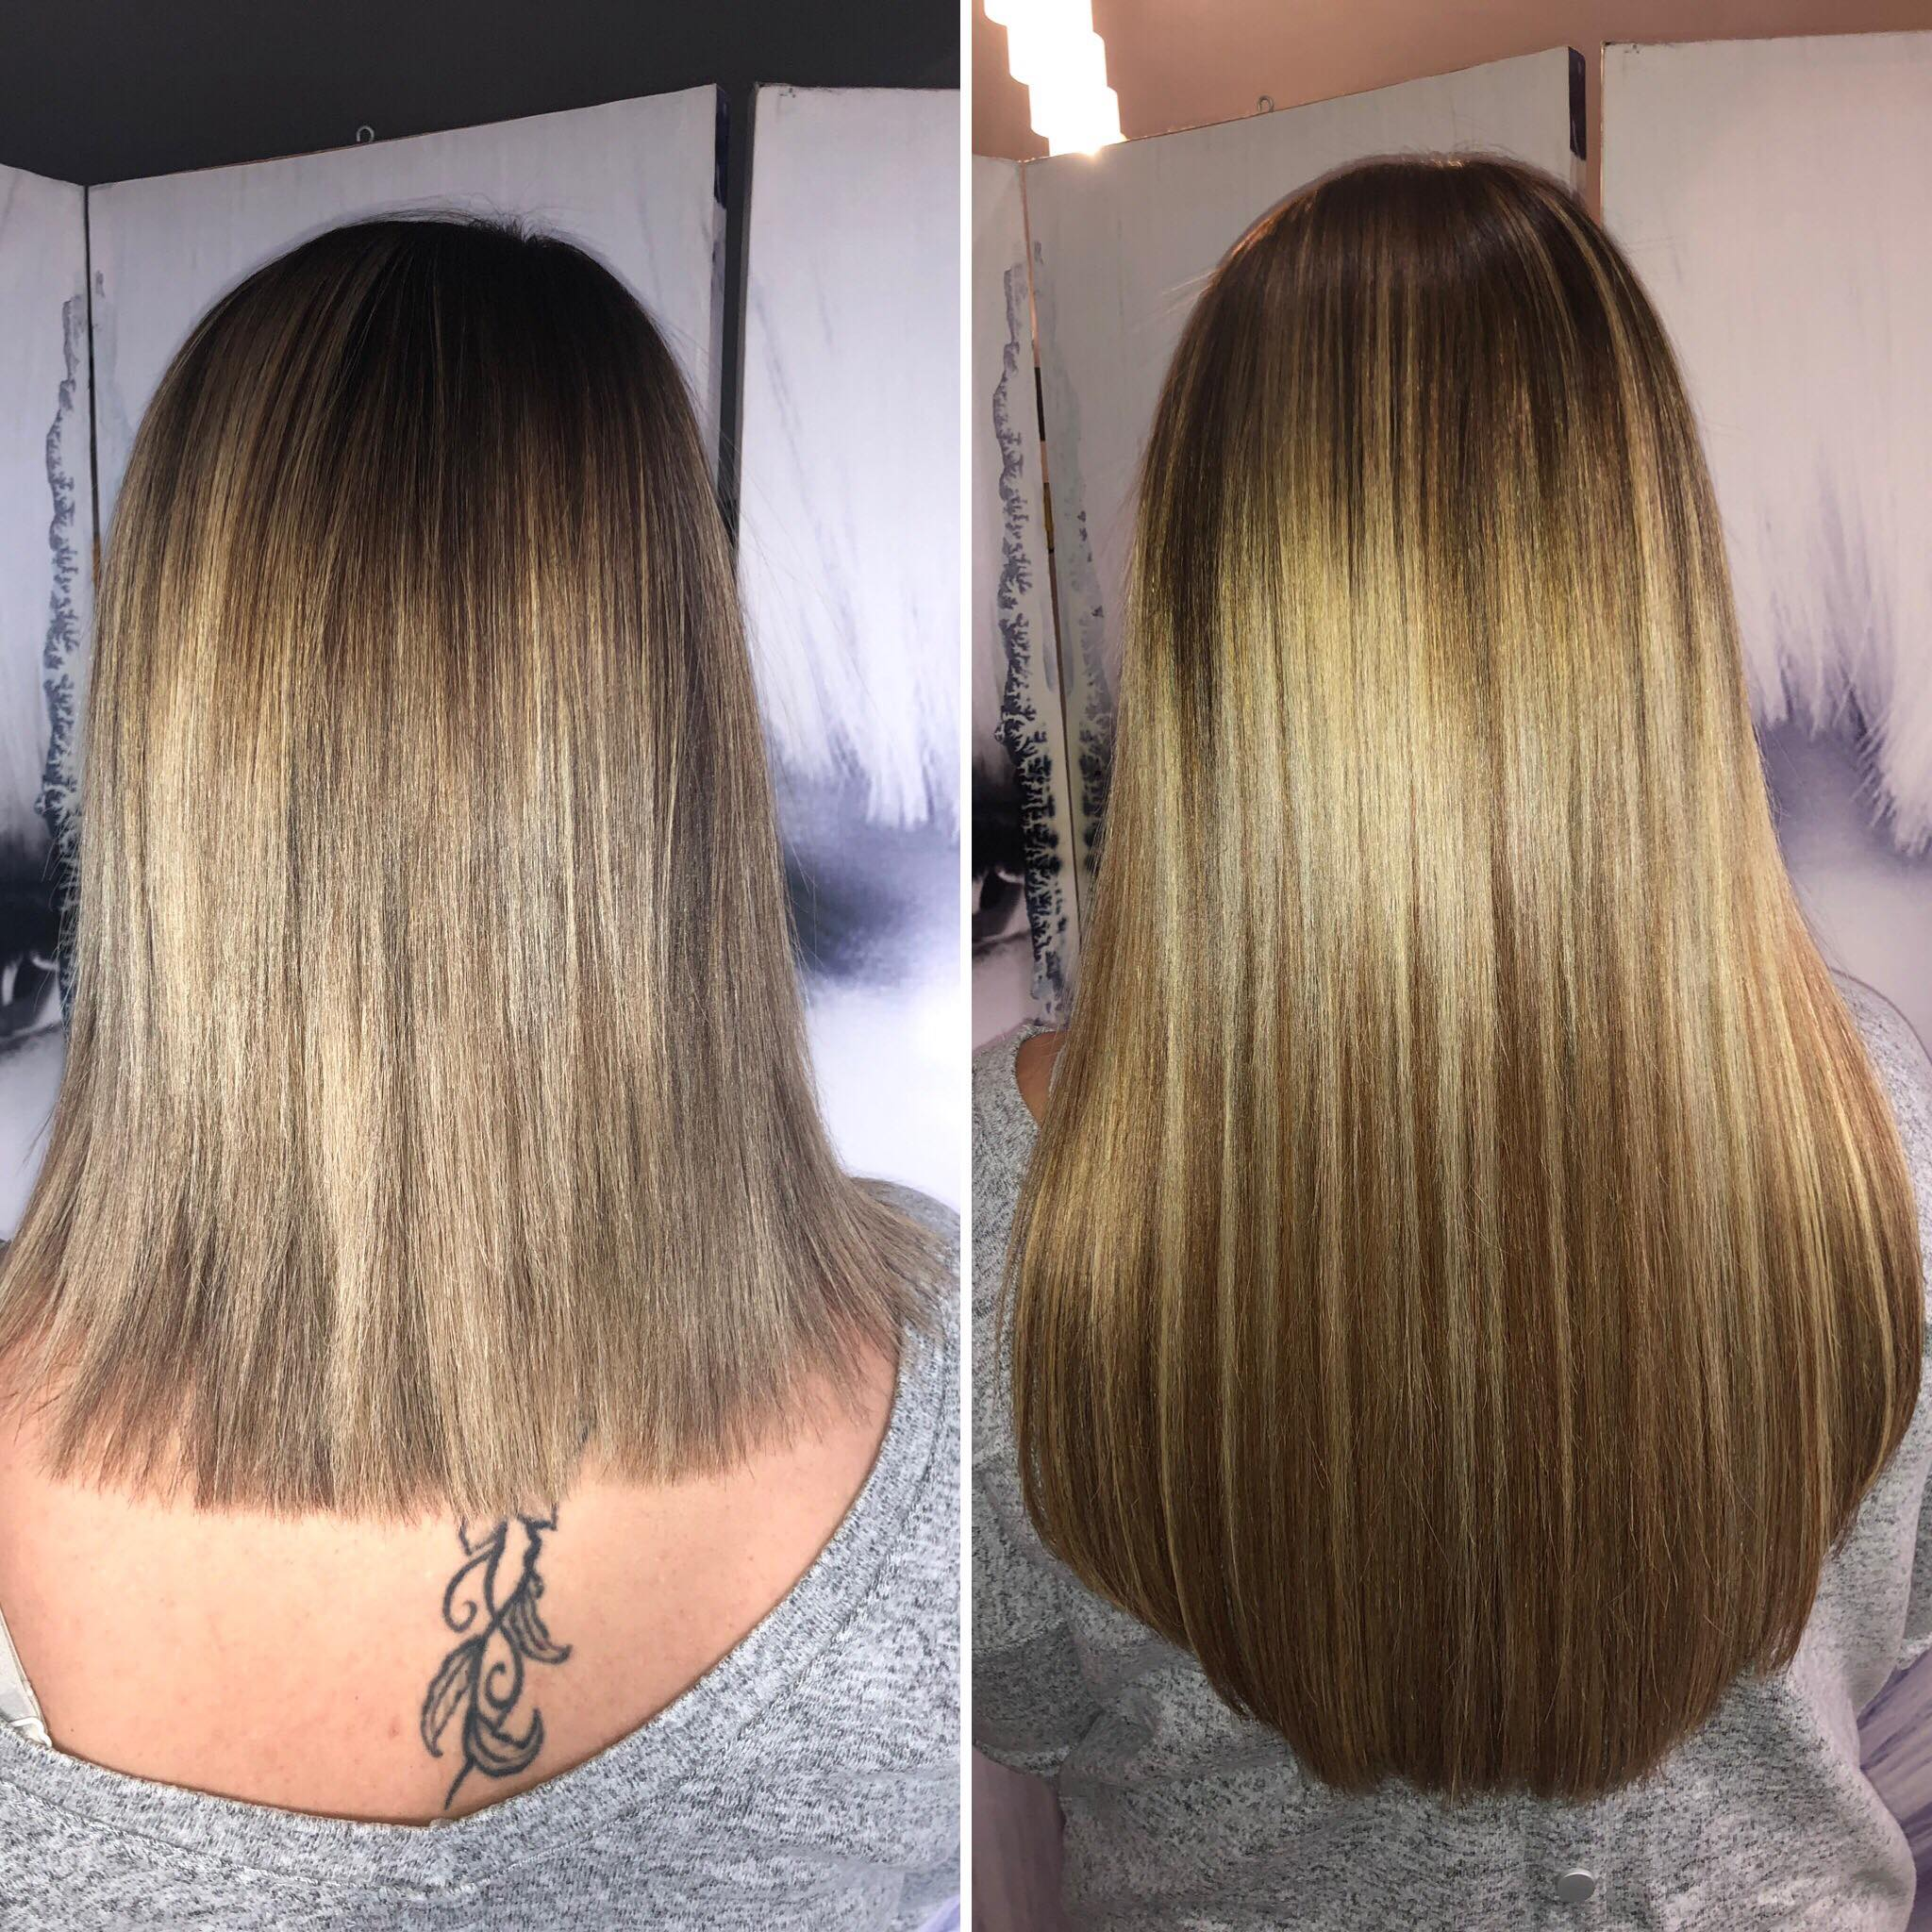 Extension de cheveux pas cher a nice